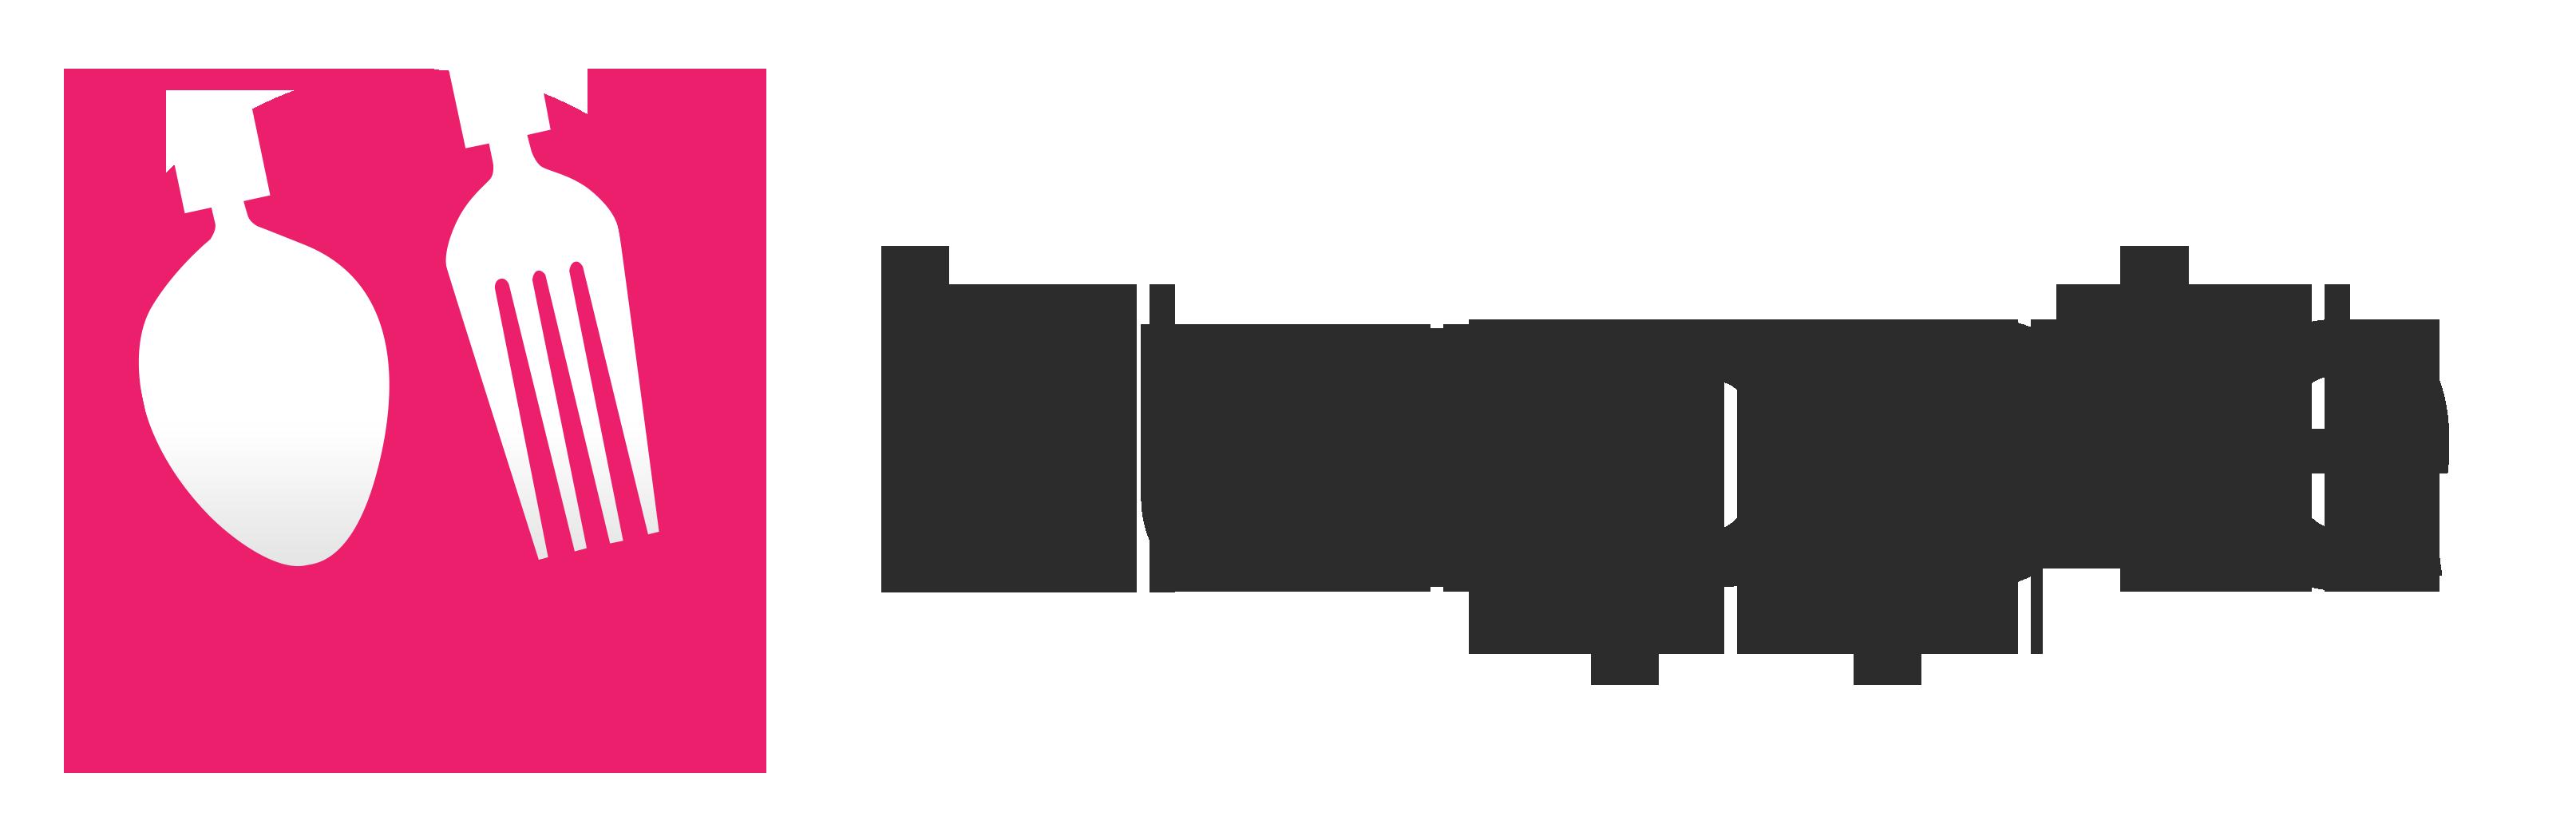 burpple_logo